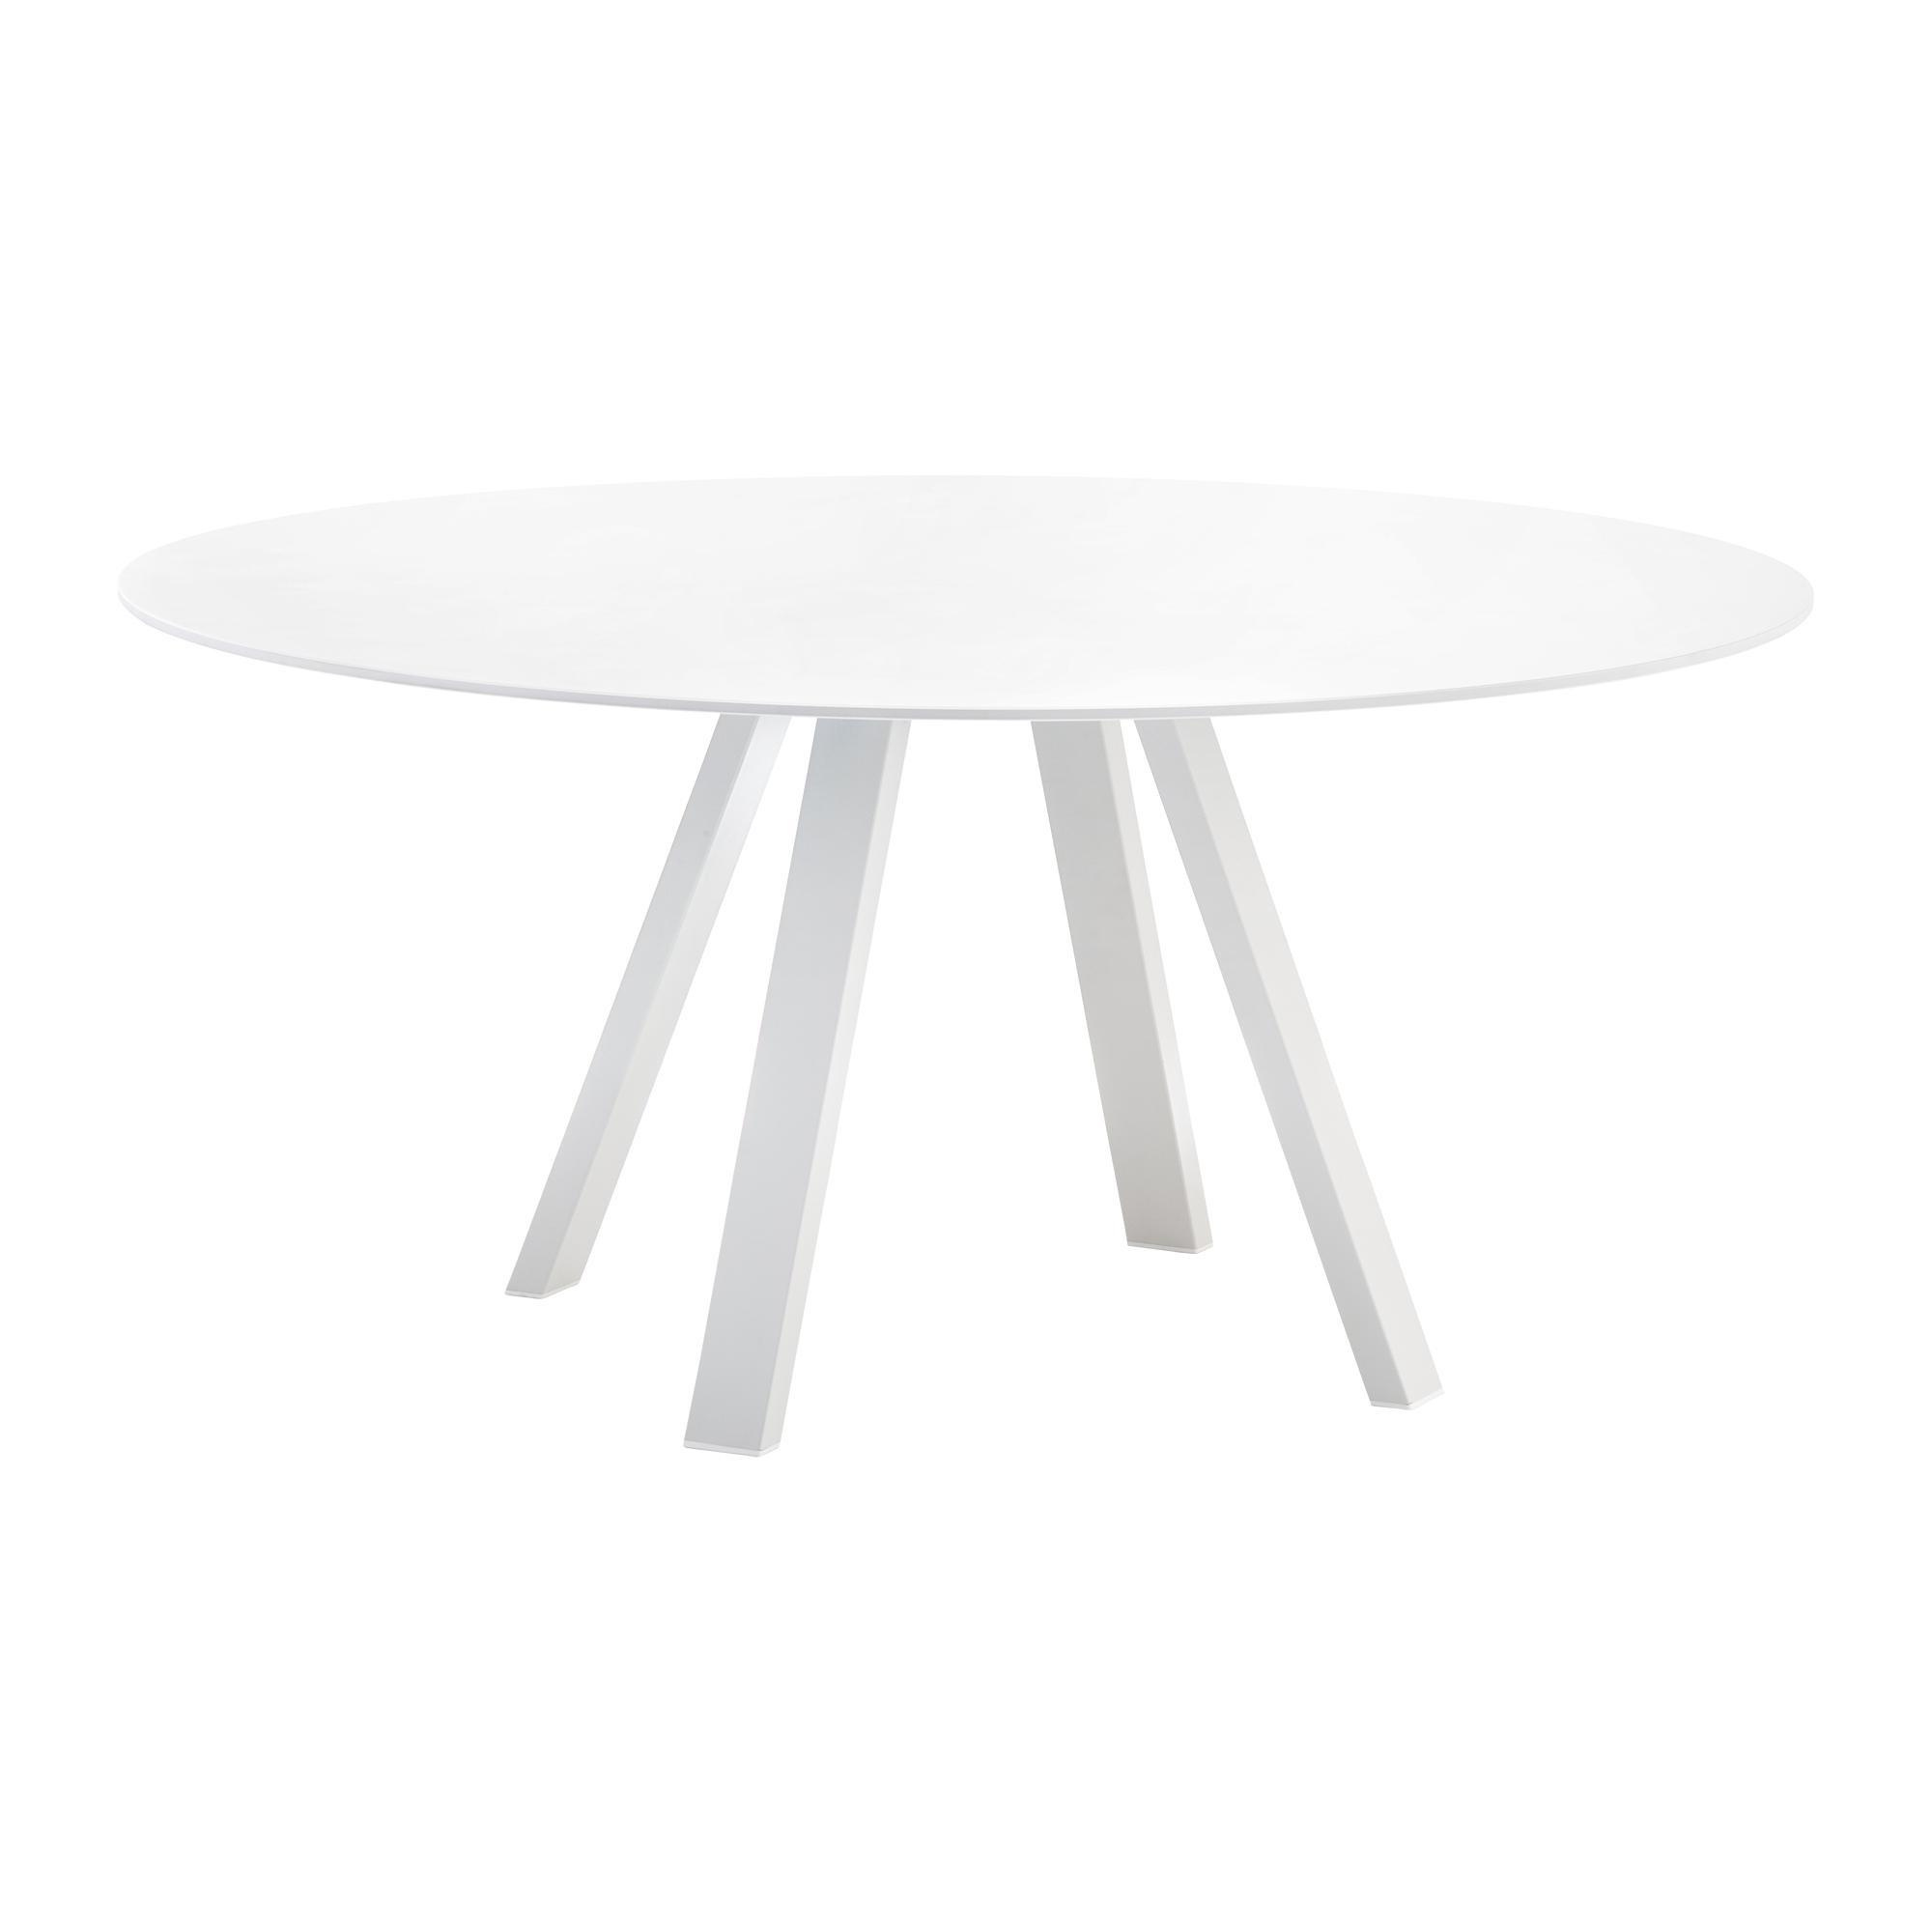 weiss laminat aluminium Esstische online kaufen | Möbel